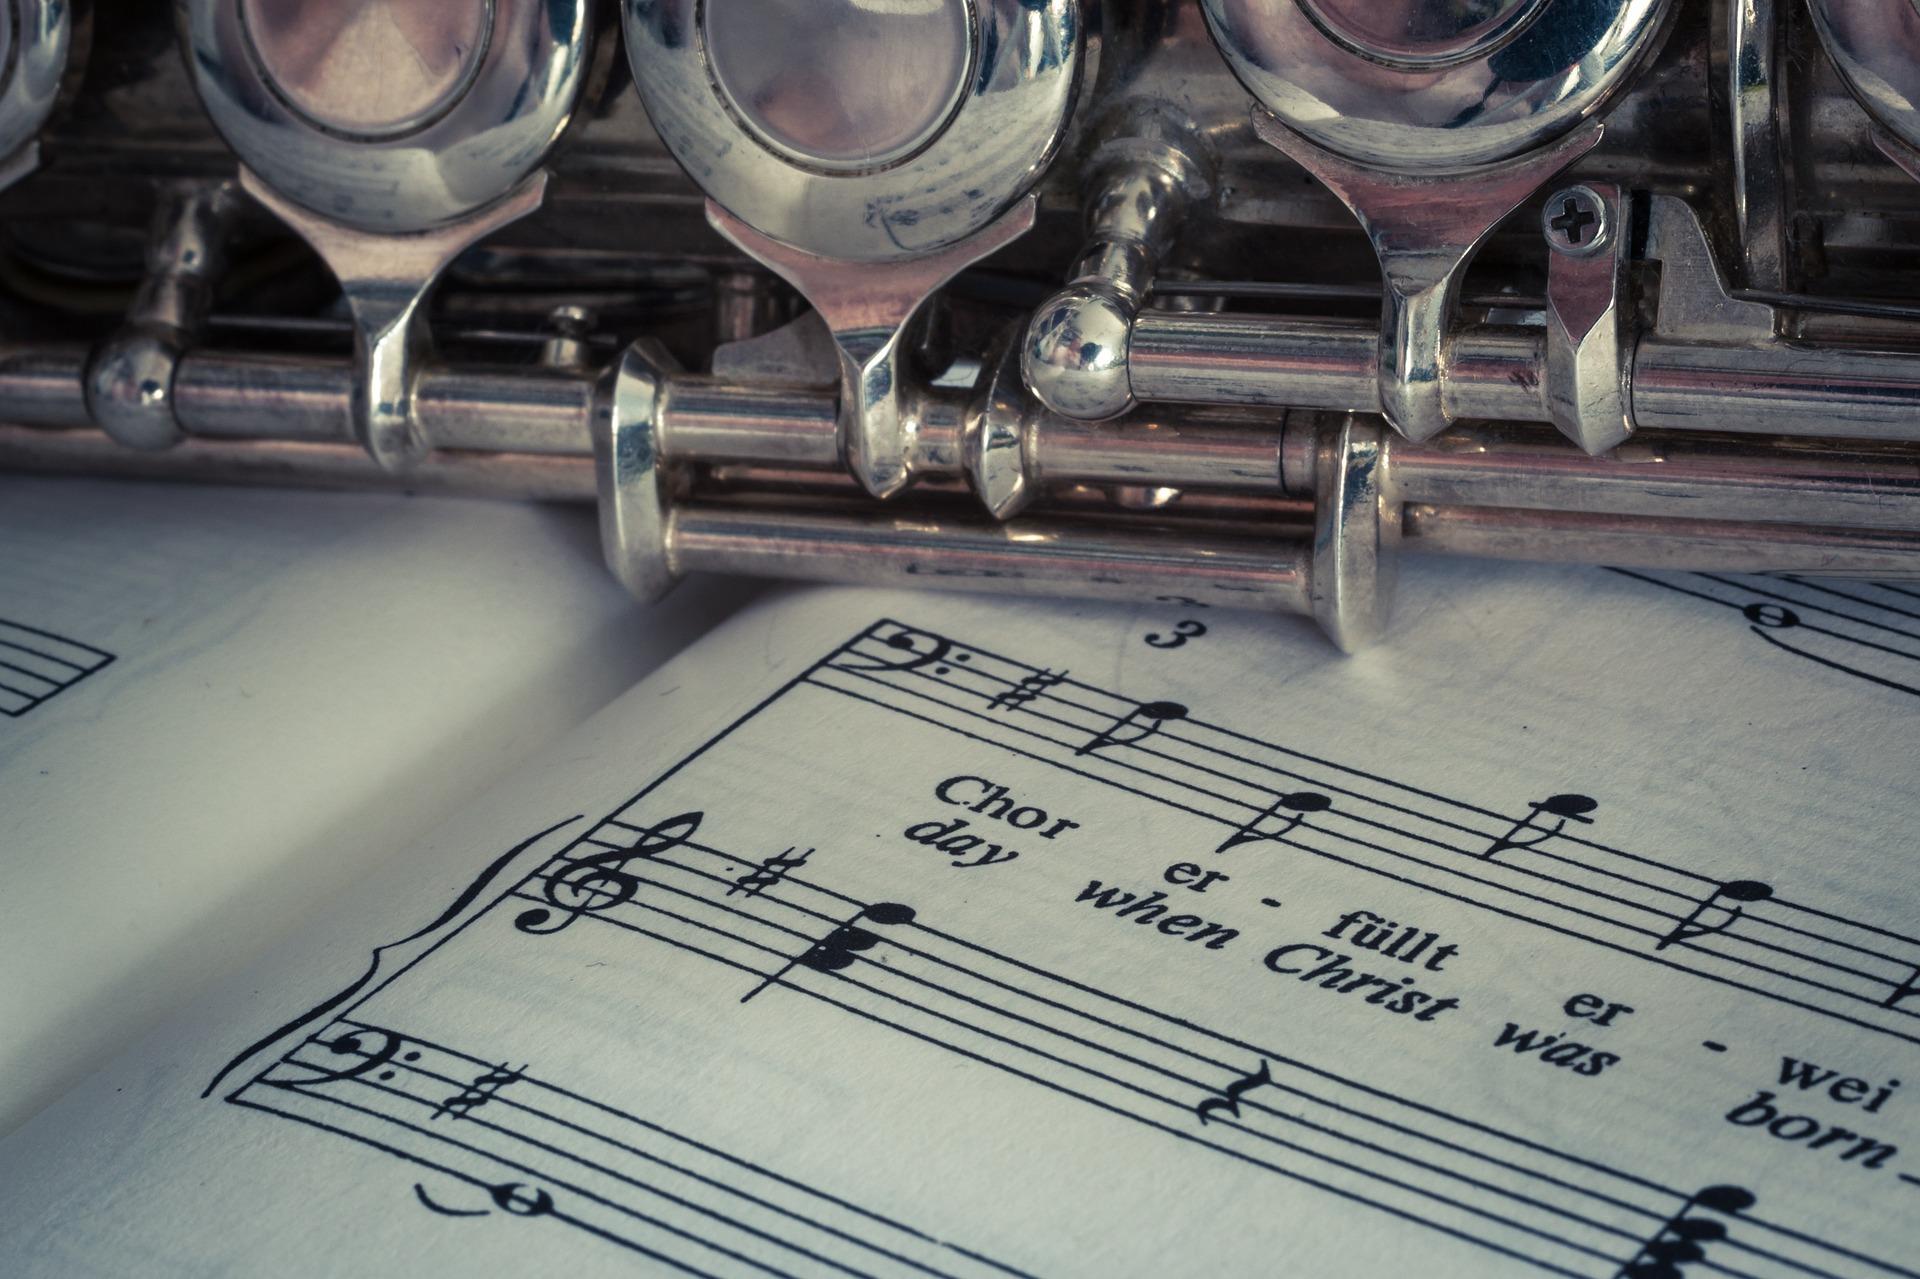 flauta, Noten, Musikinstrument, Personal, Musiknoten, flauta traveserQuerflötepaper HD - Prof.-falken.com